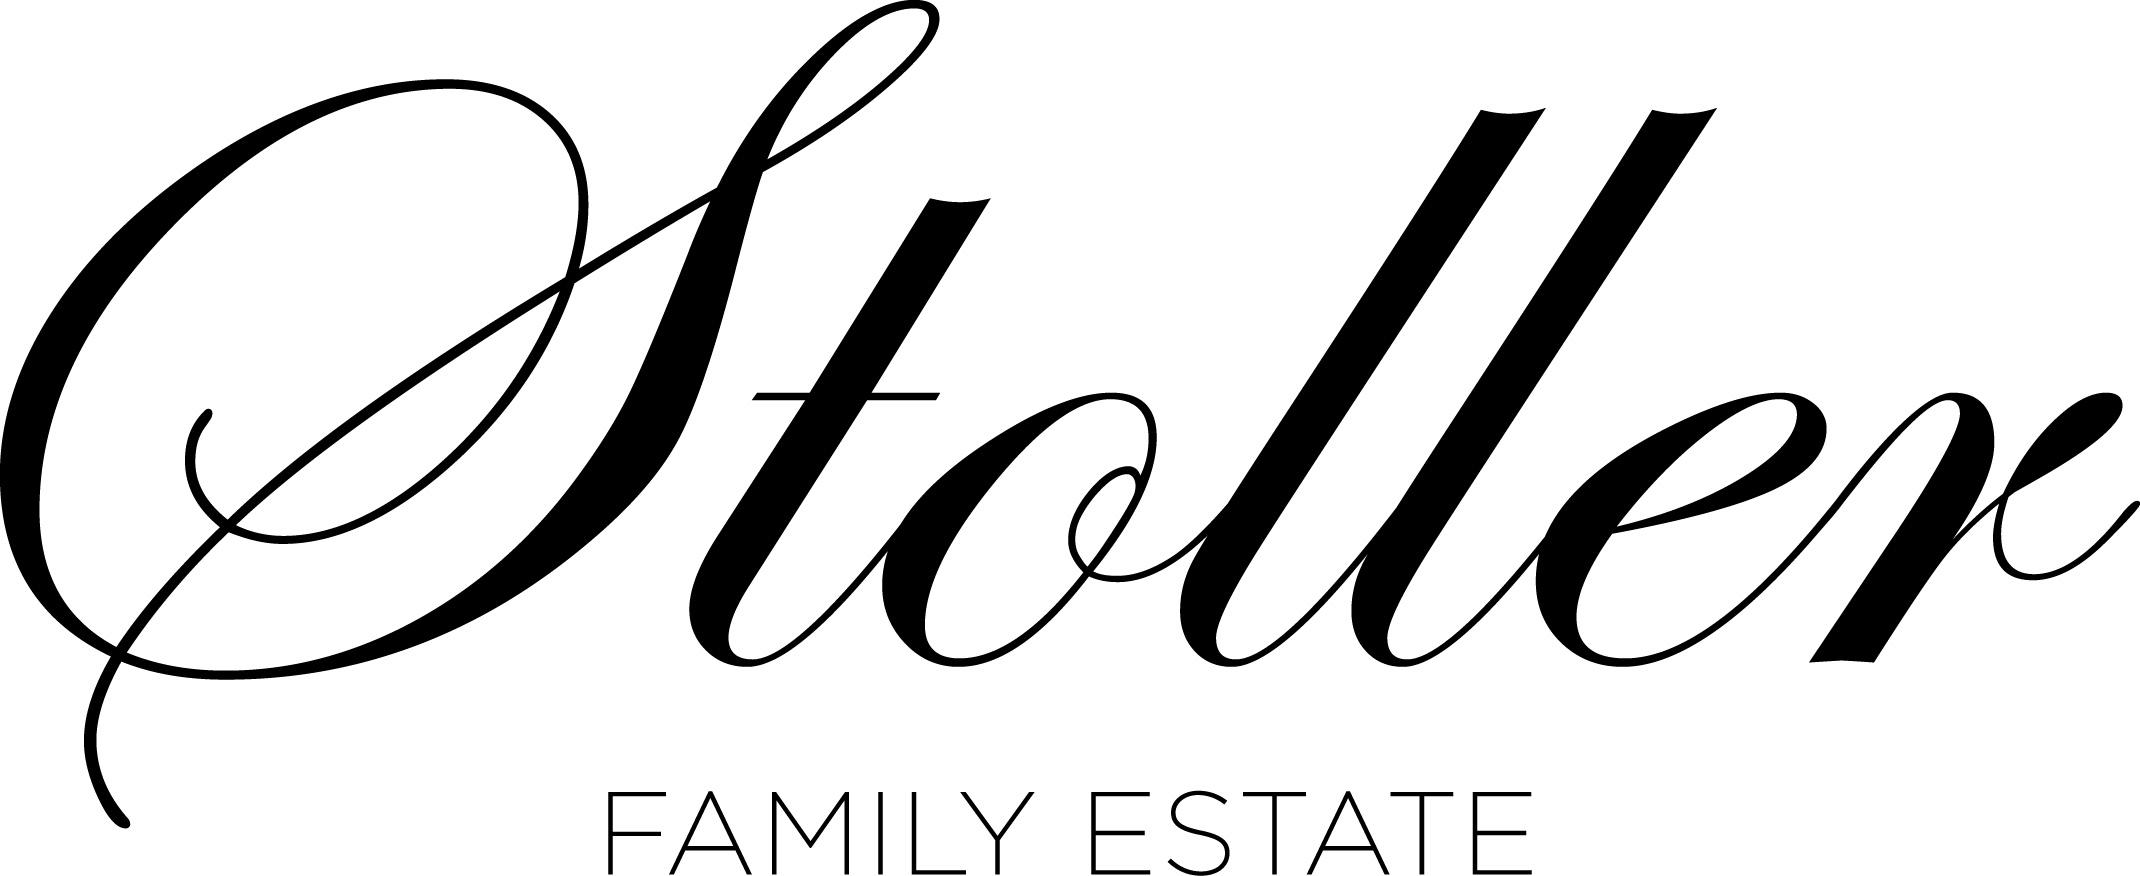 Stoller_logo.jpg